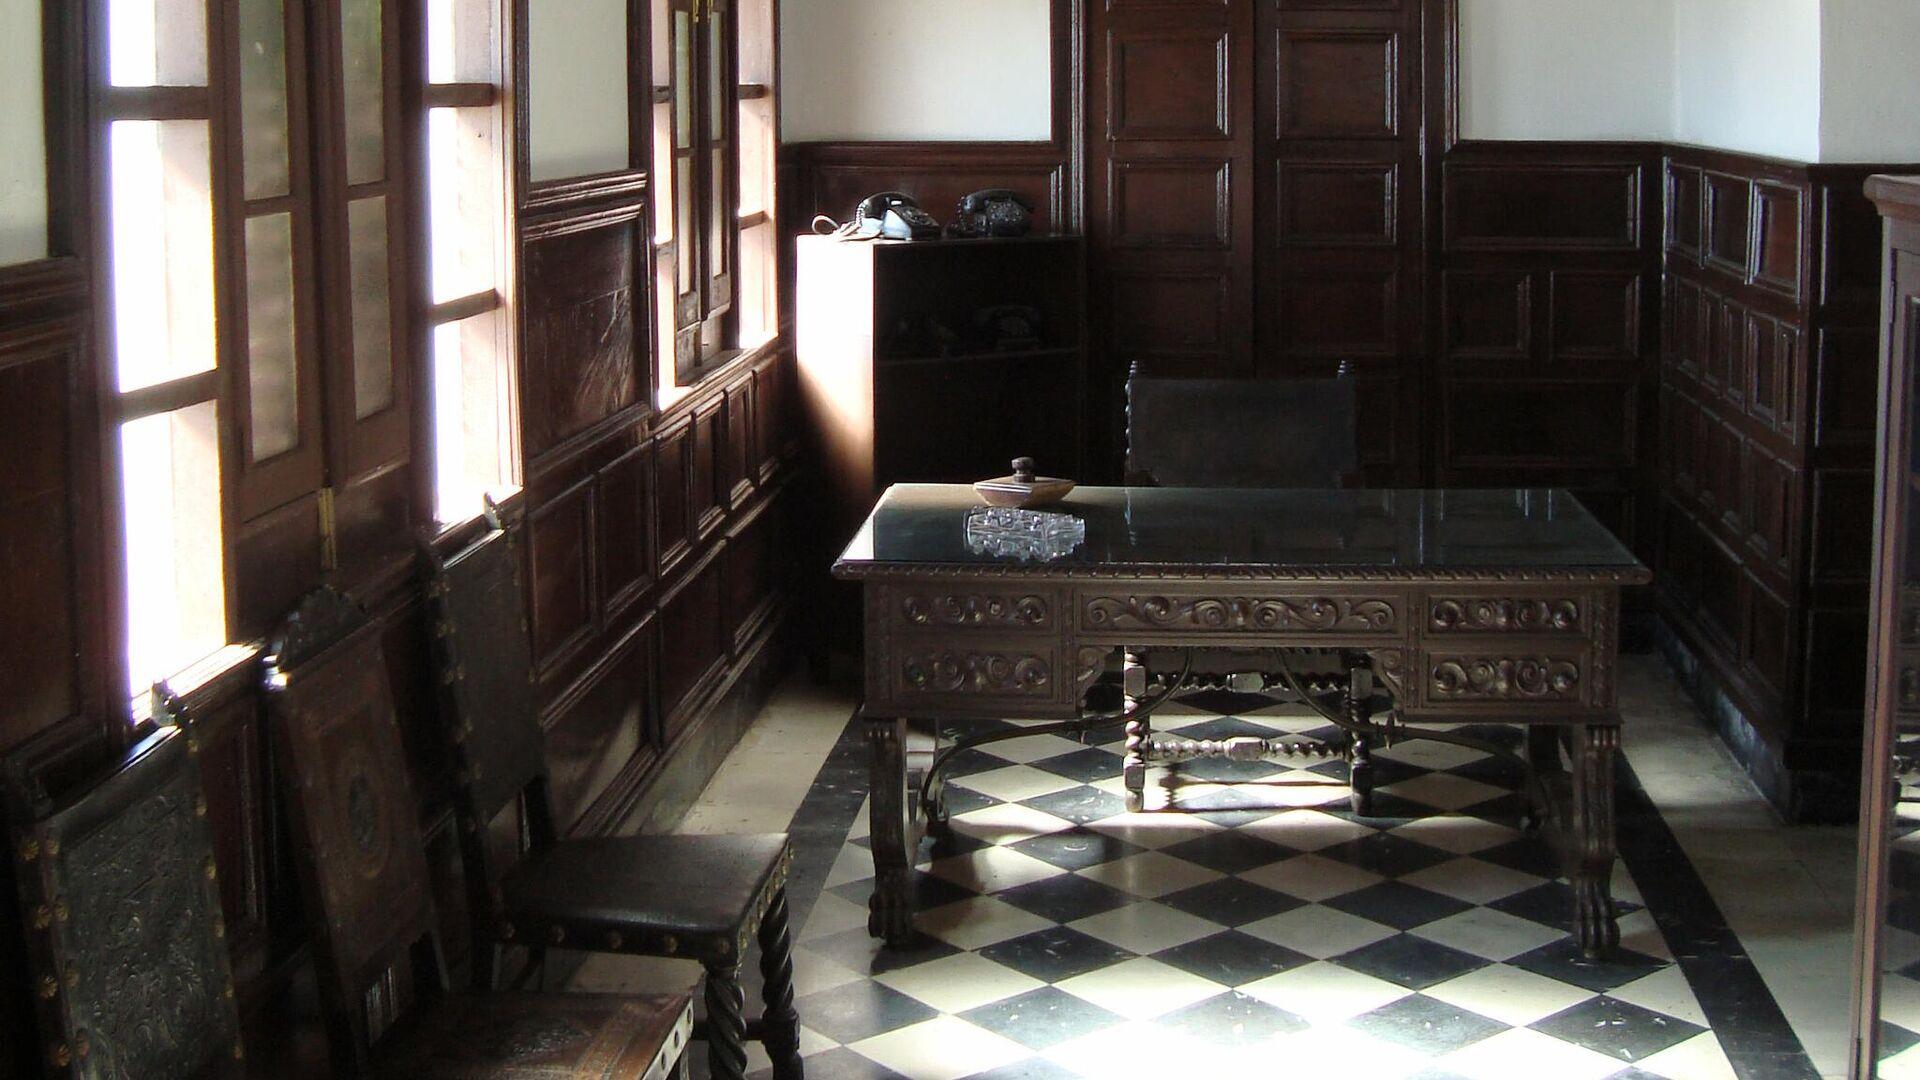 Oficina del Che Guevara en  la Fortaleza San Carlos de la Cabaña - Sputnik Mundo, 1920, 29.03.2021